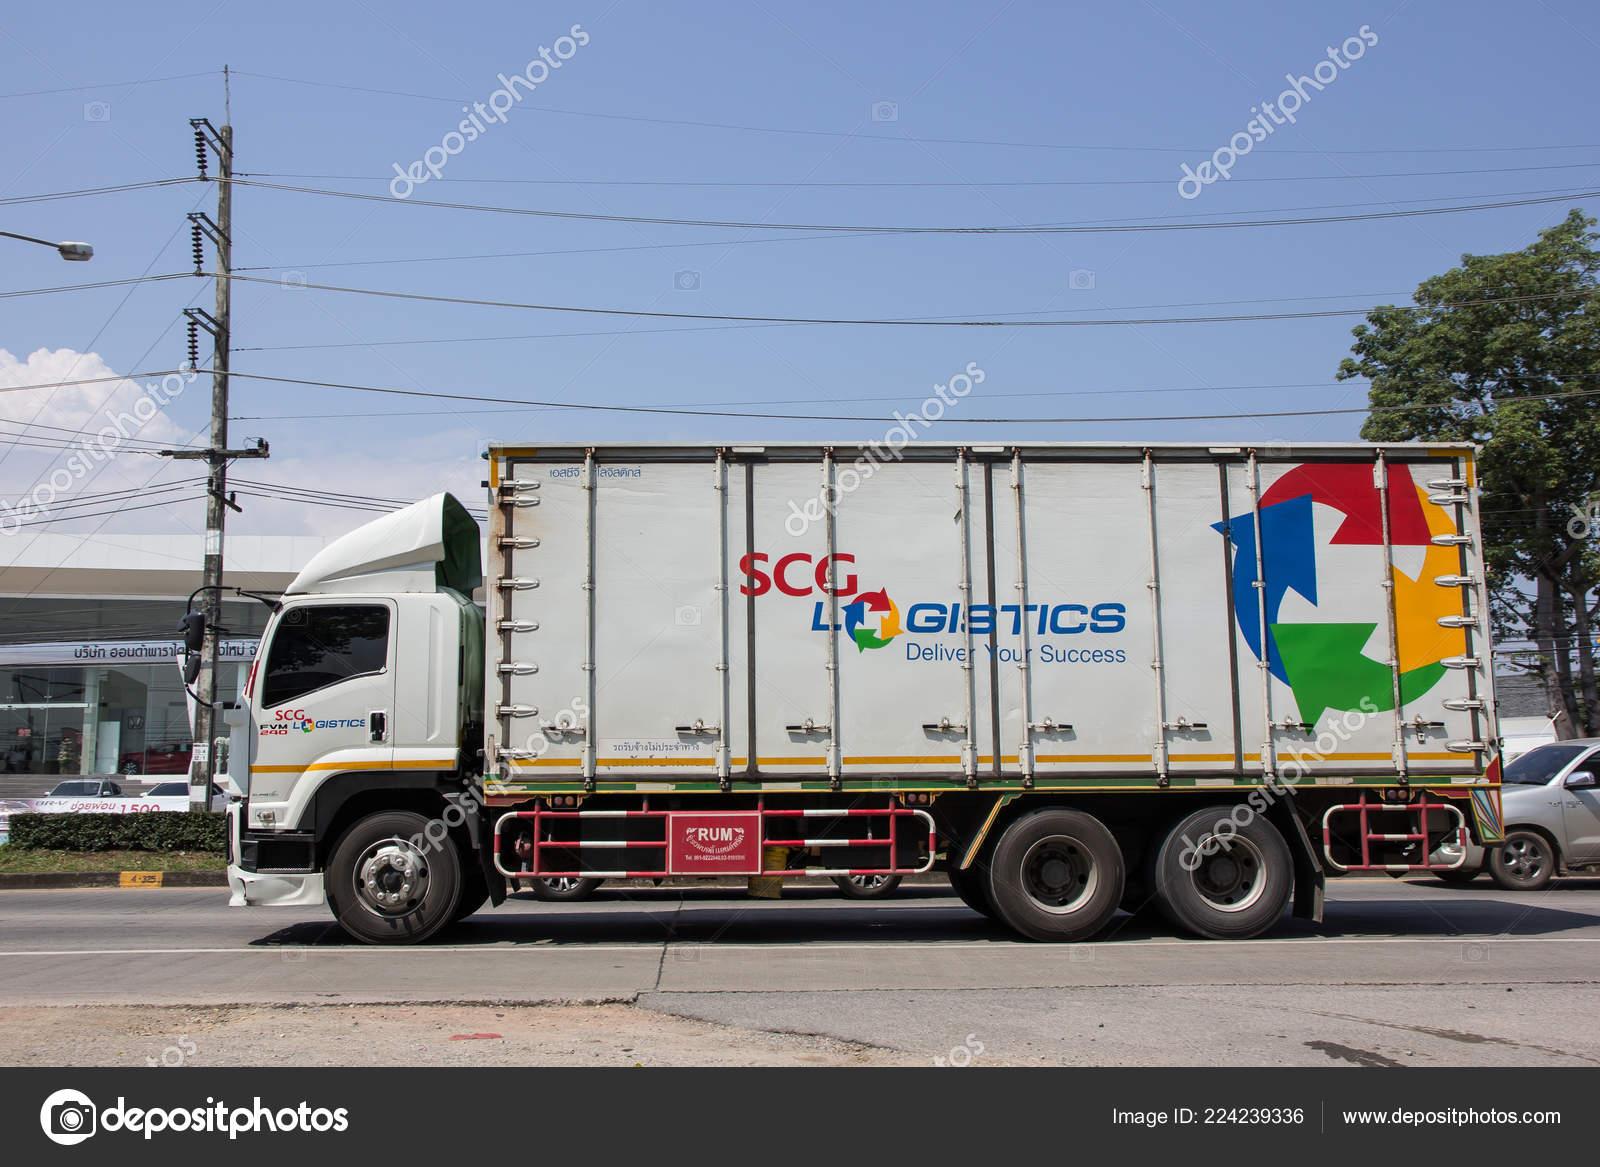 Chiangmai Thailand October 2018 Container Truck Scg Logistics